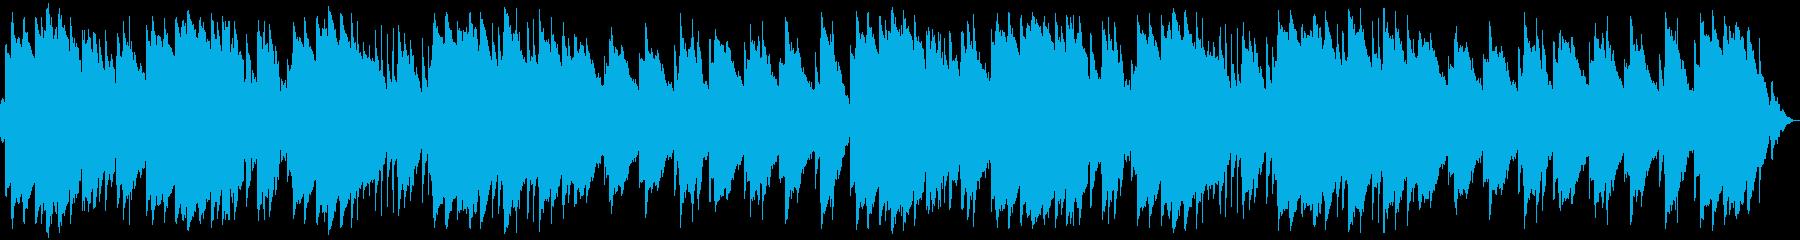 オルゴールメインの癒し睡眠BGMの再生済みの波形